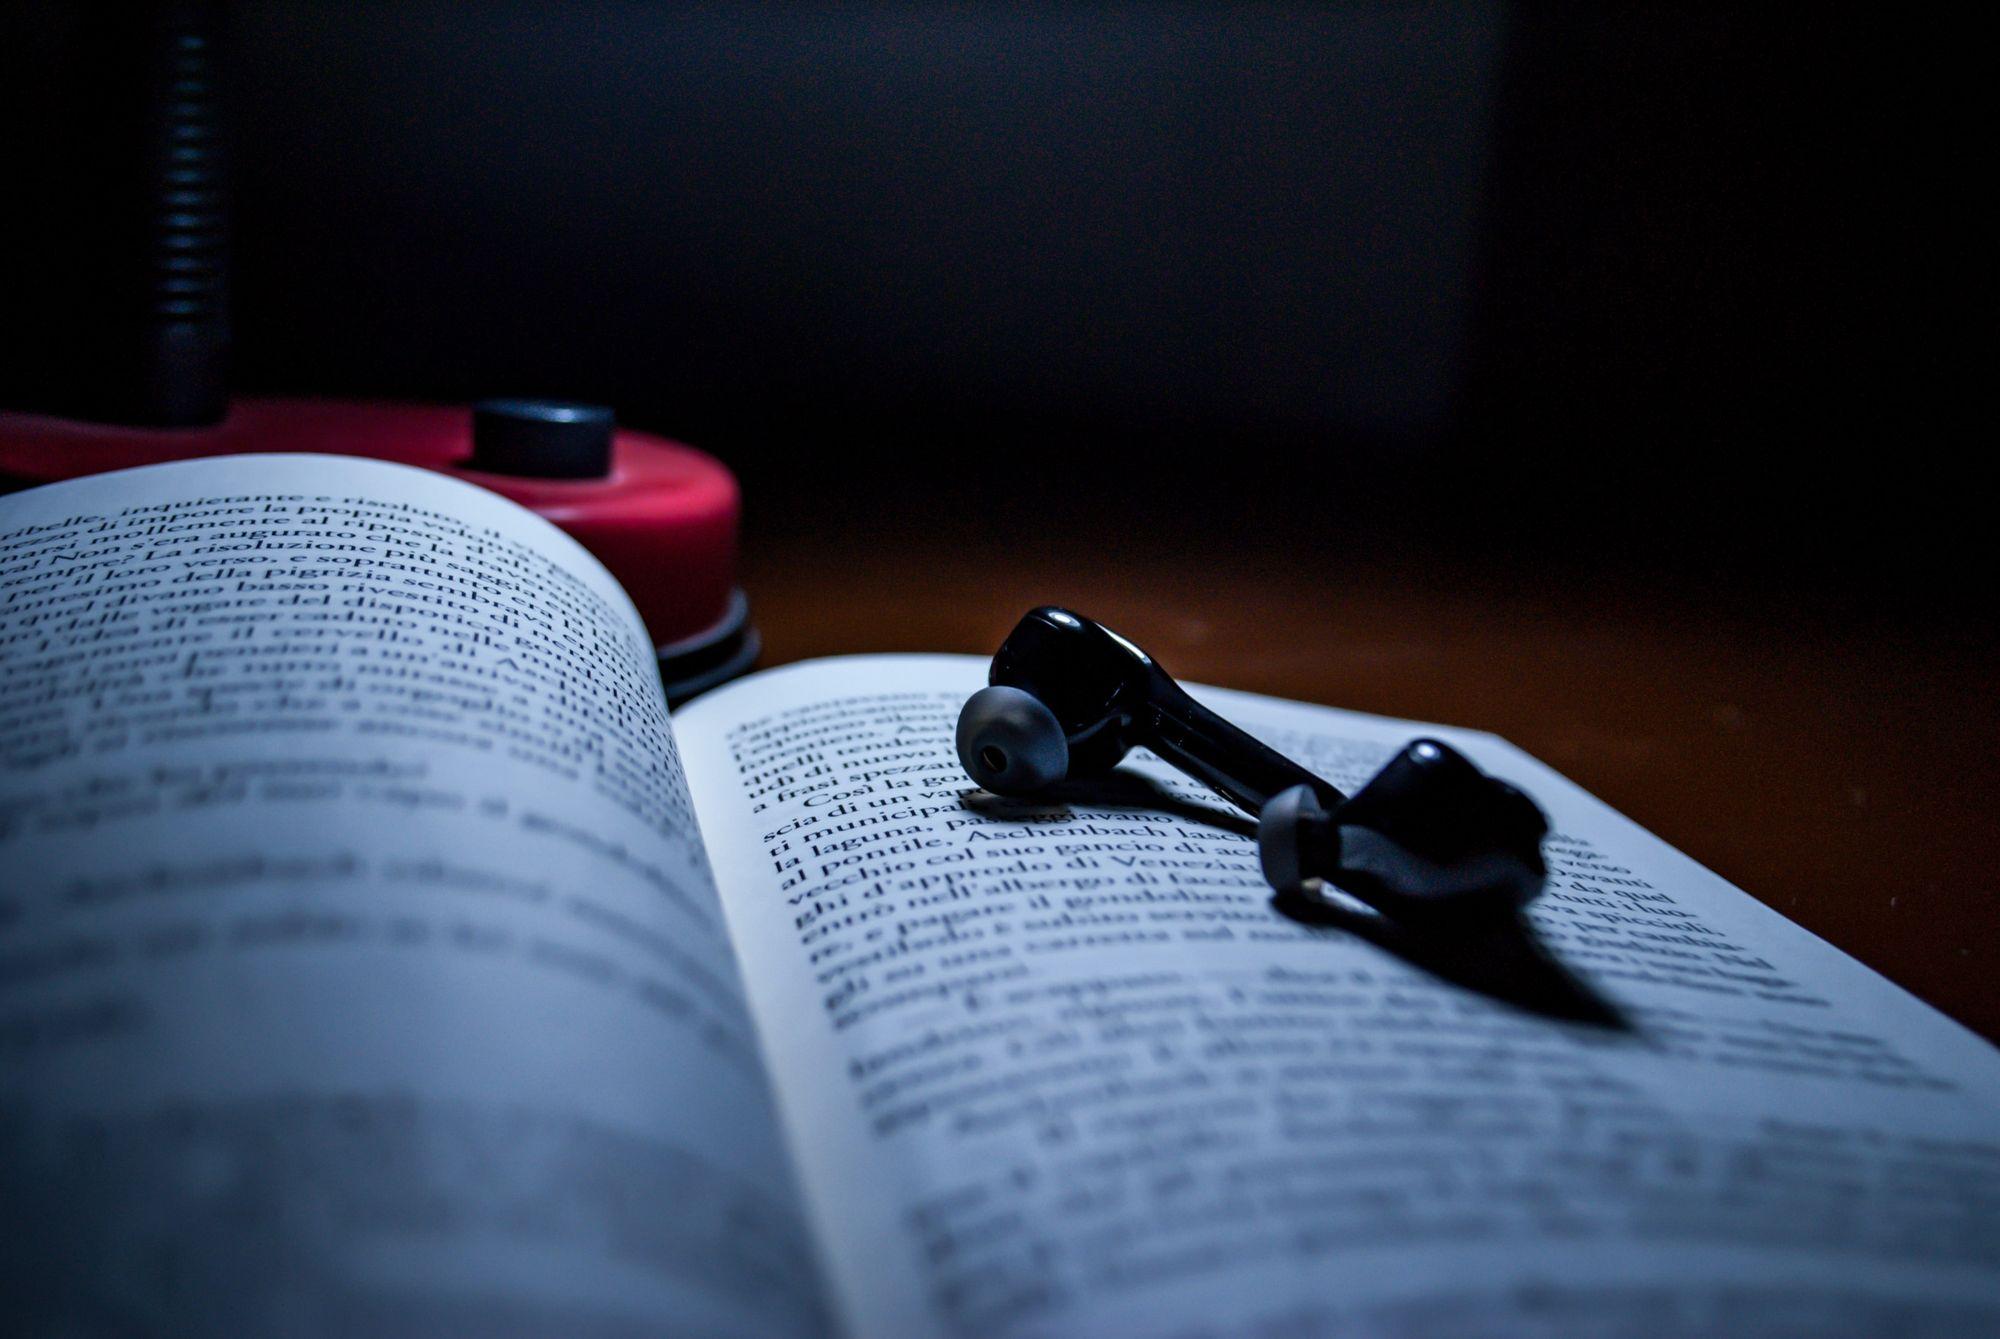 Earphones on top of a book